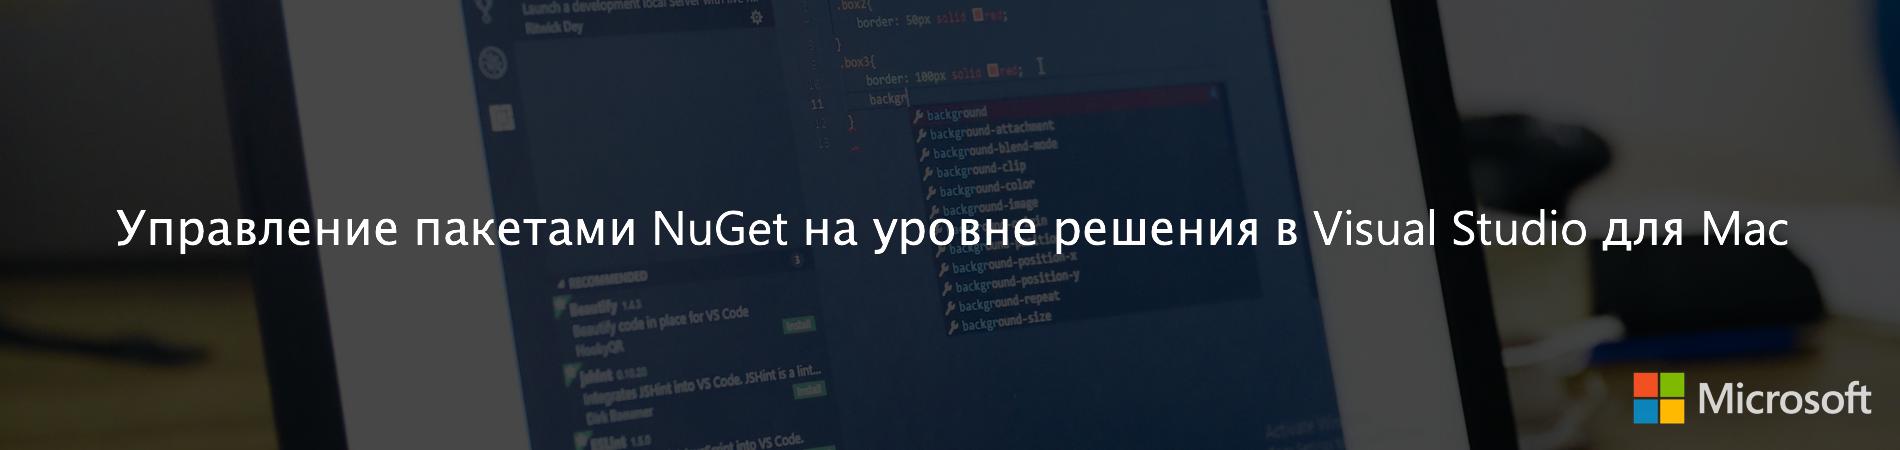 [Перевод] Представляем управление пакетами NuGet на уровне решения в Visual Studio для Mac